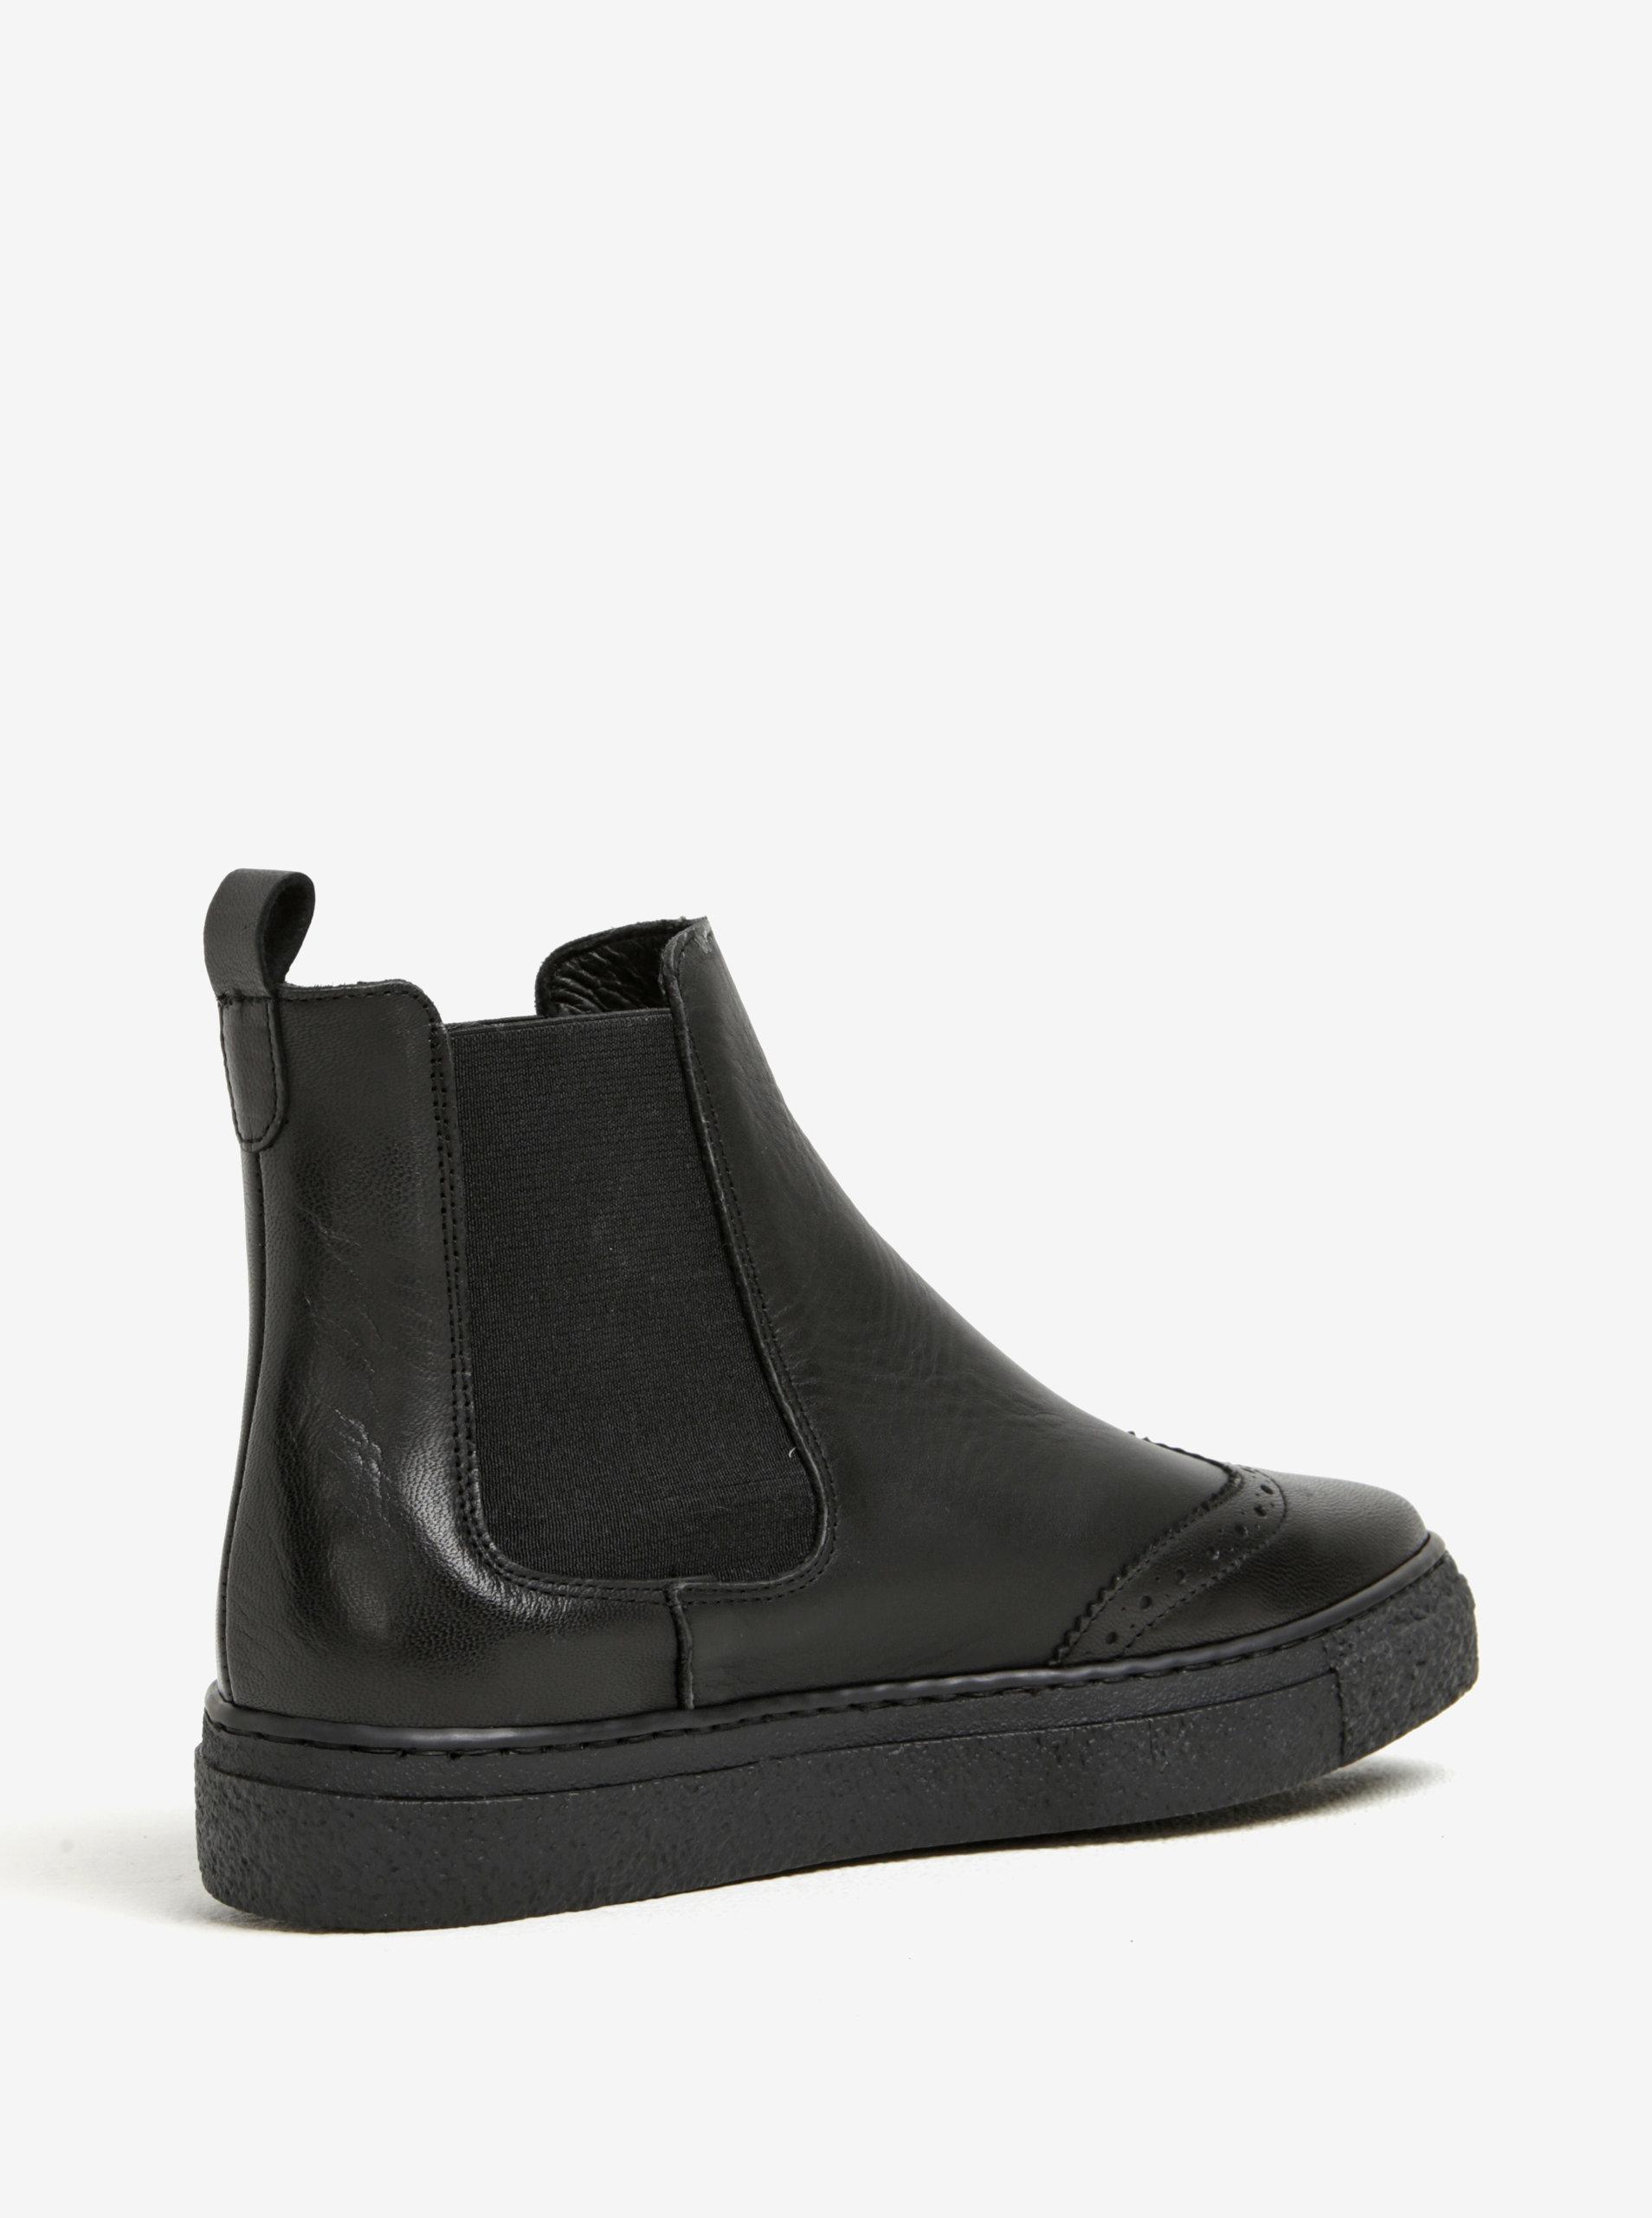 02a8509d2fda Čierne kožené chelsea topánky na platforme OJJU ...